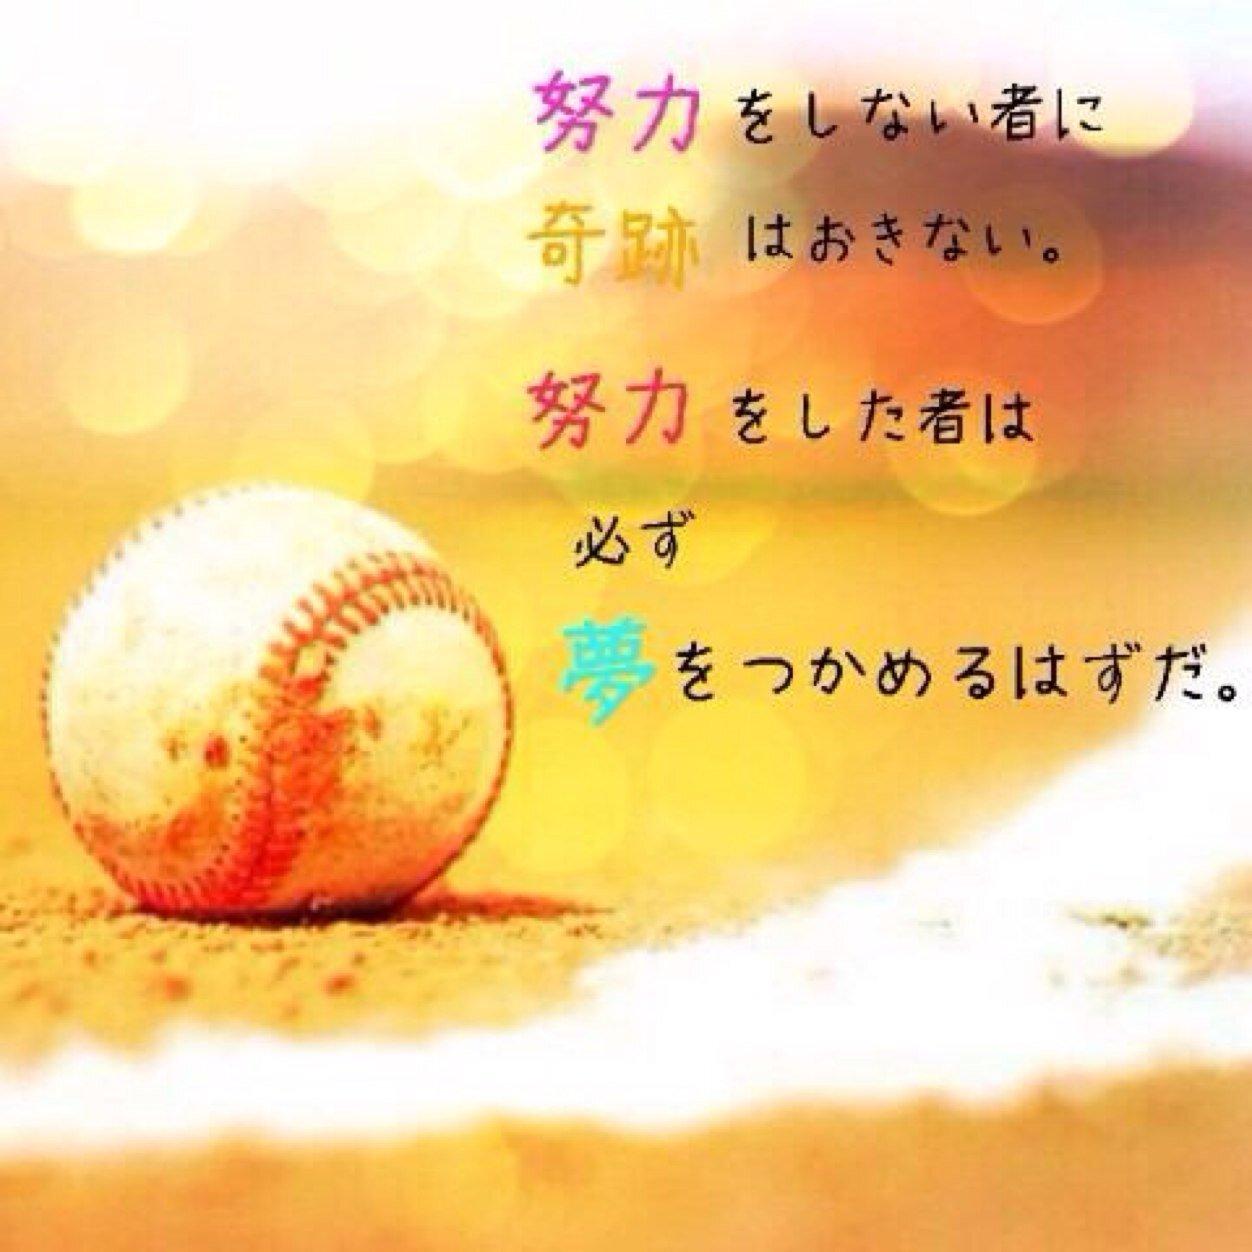 東江仁斎 Jinsai1017 Twitter